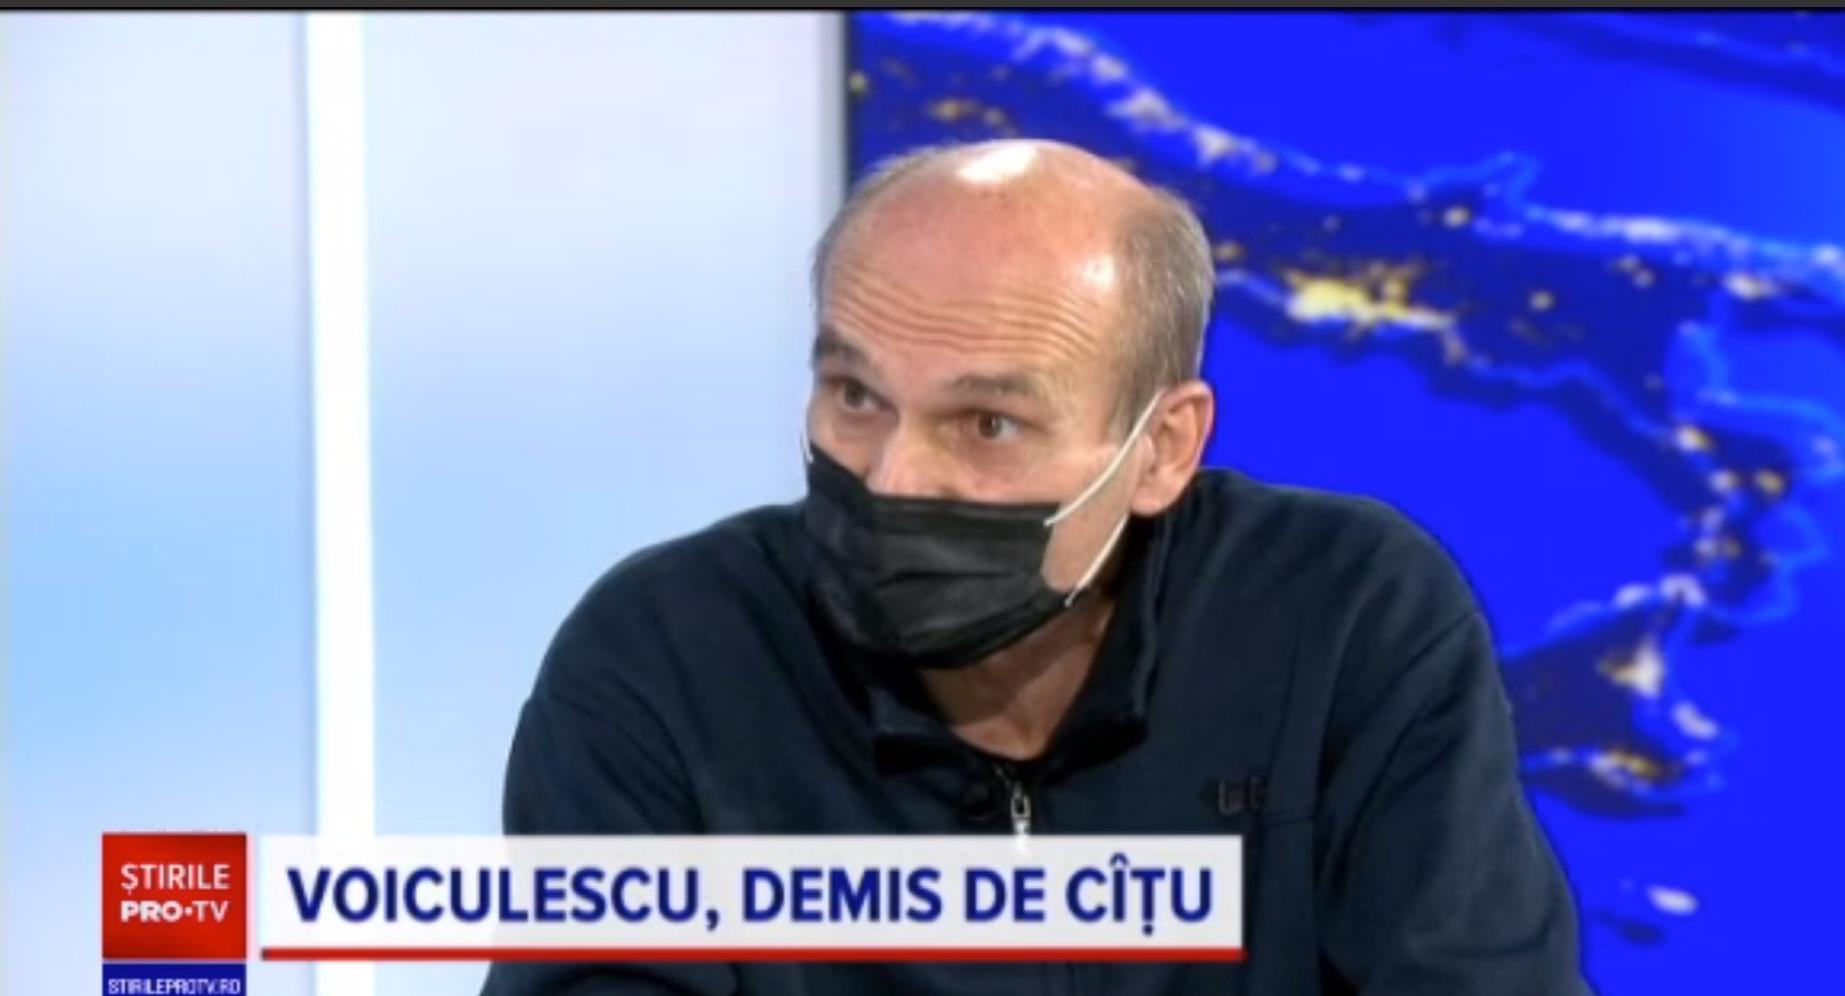 CTP: Problema principală a lui Vlad Voiculescu a fost lipsa de interes față de oameni și față de bolnavi